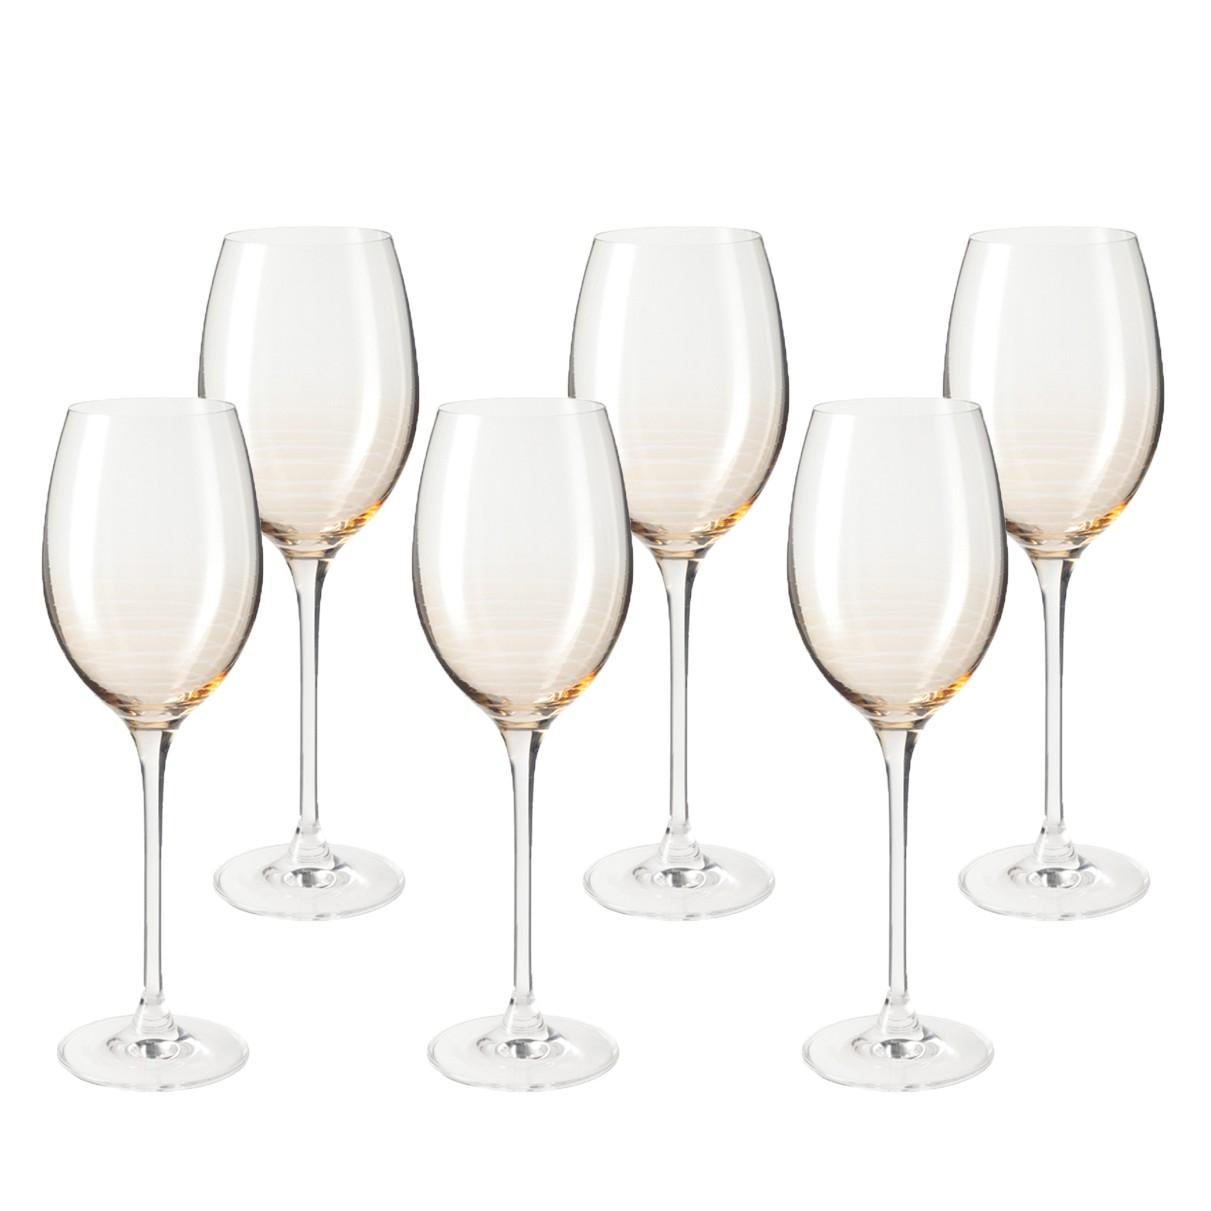 Weinglas Cheers (6er-Set) - Beige, Leonardo